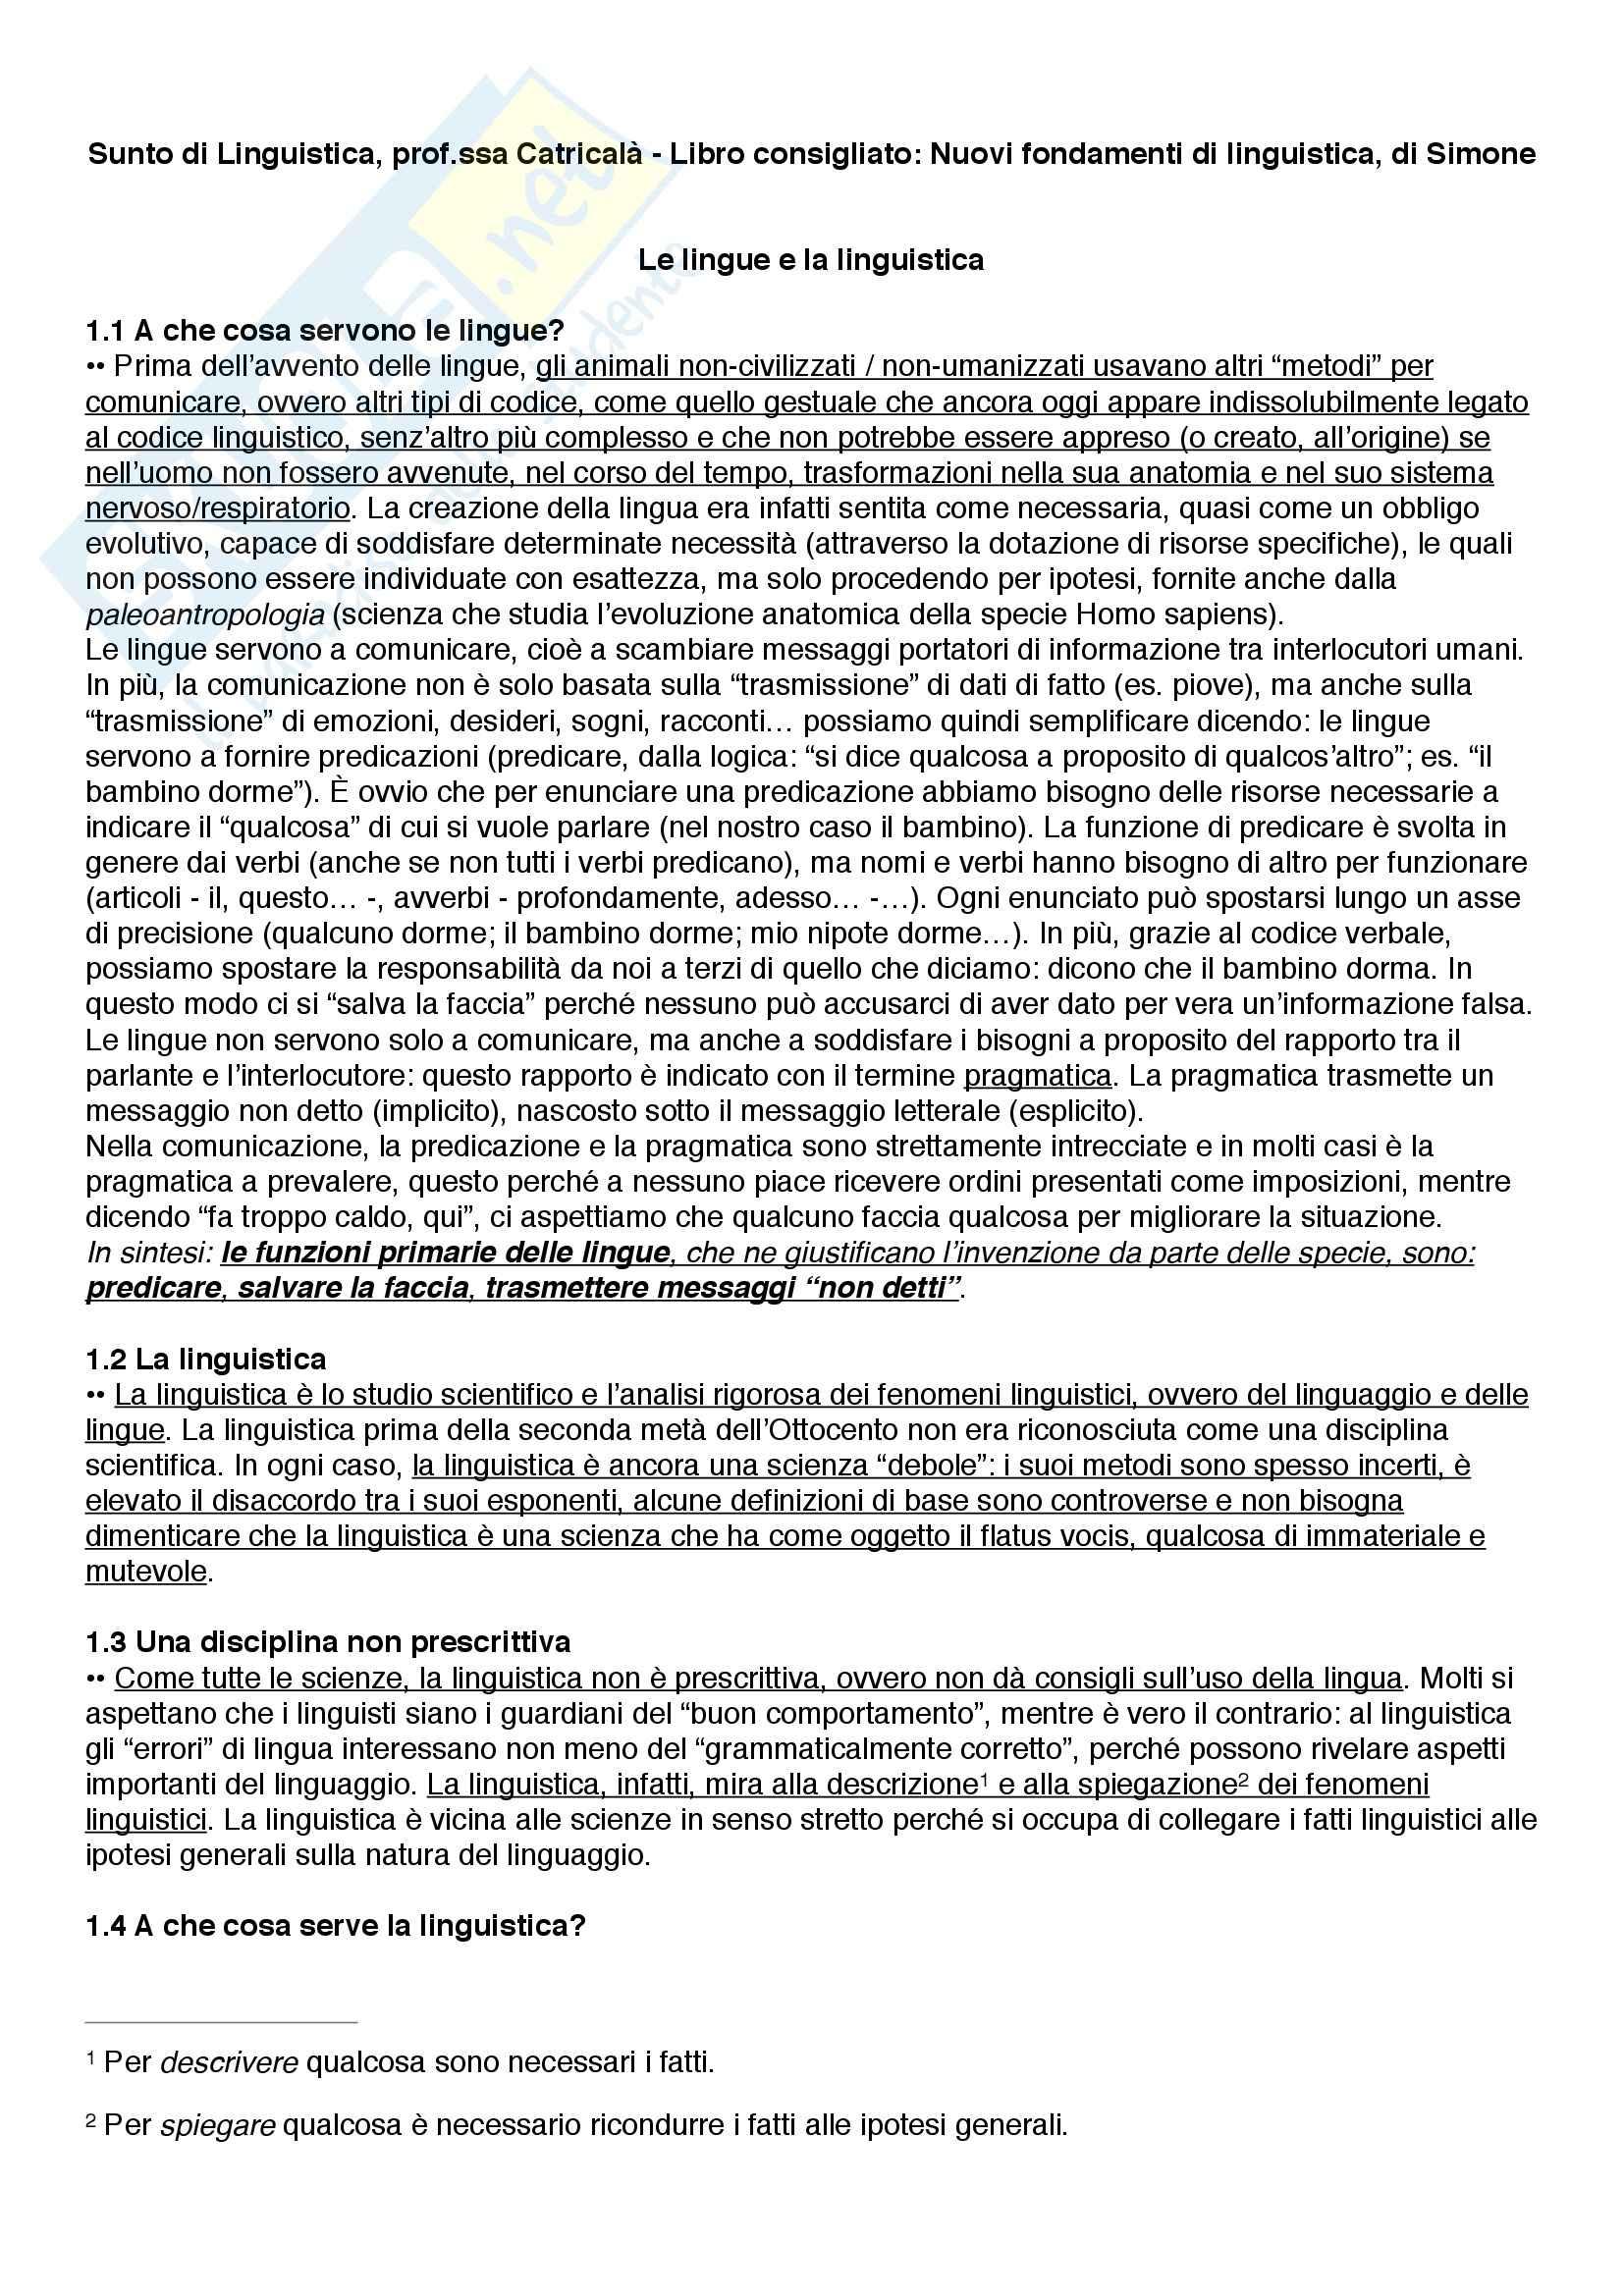 Riassunto esame Linguistica, prof. Catricalà, libro consigliato Nuovi fondamenti di linguistica, Simone